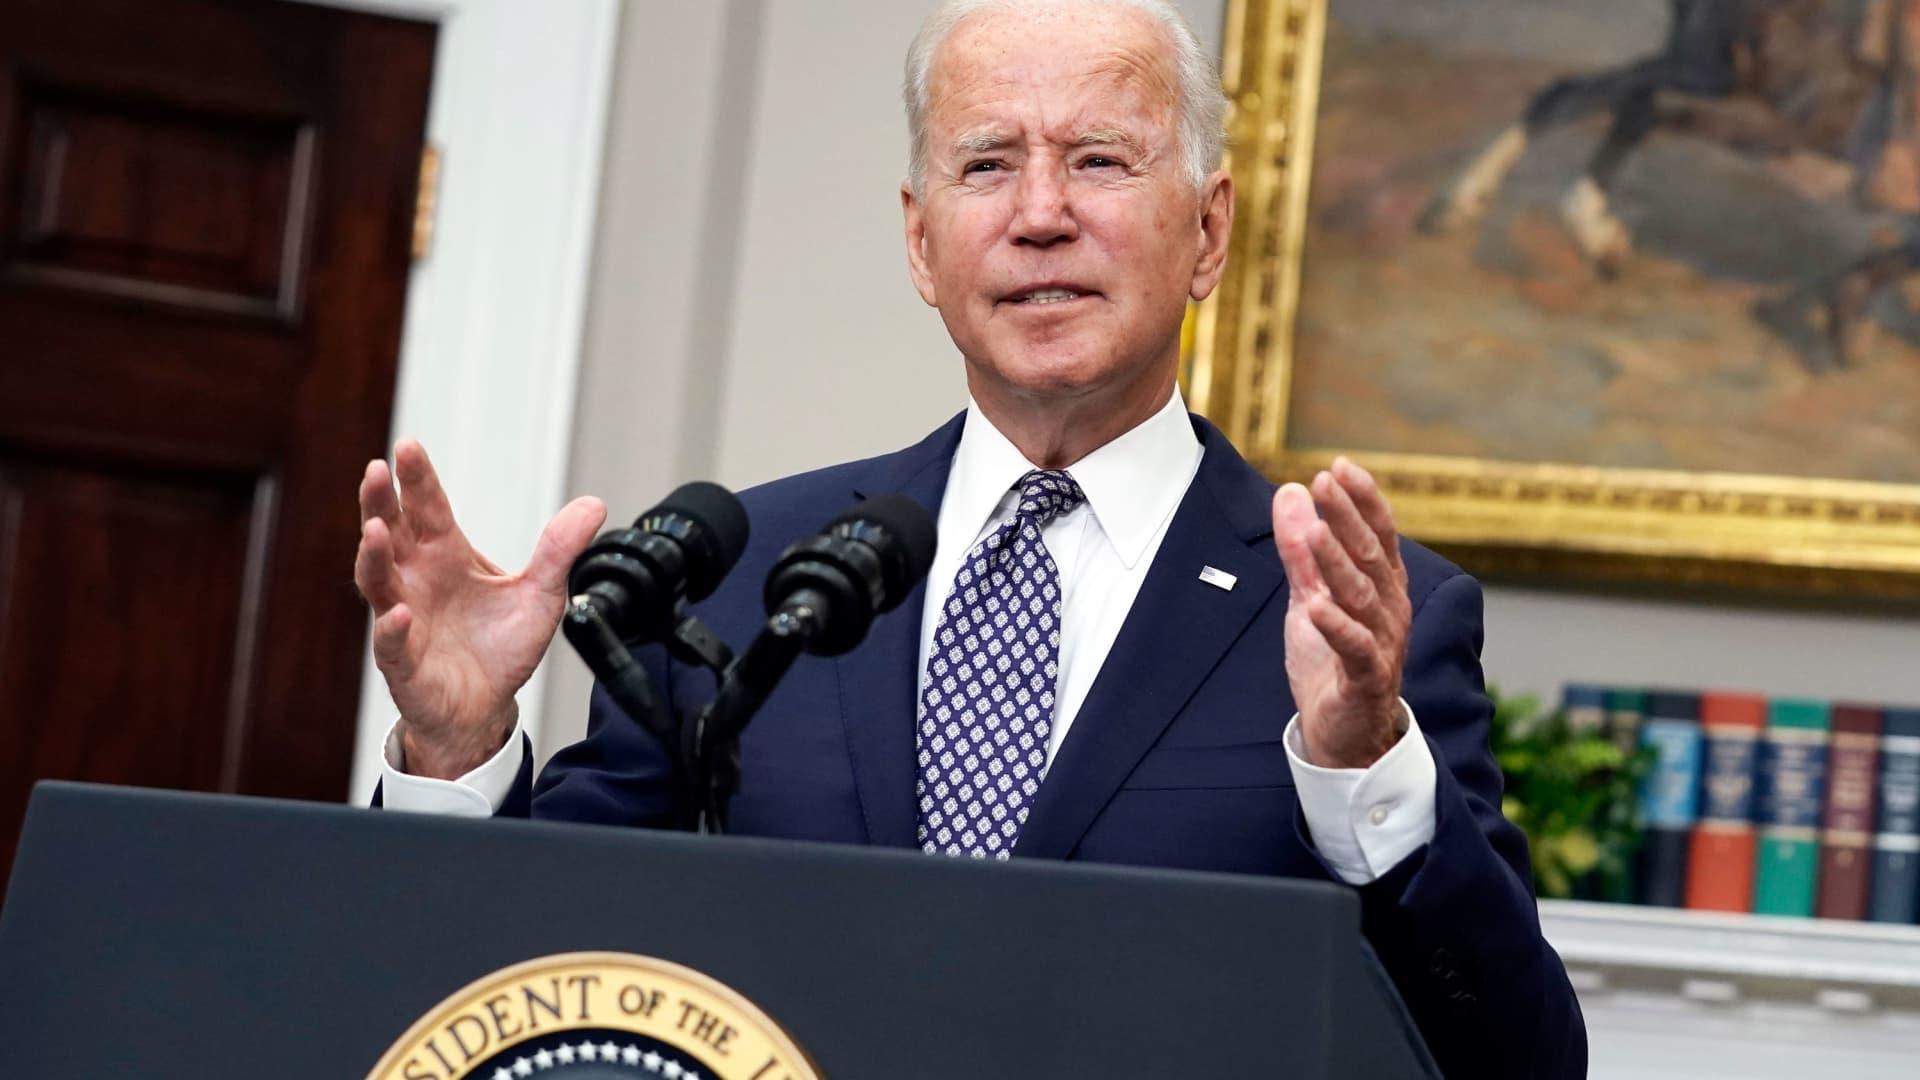 U.S. President Joe Biden speaks in the Roosevelt Room of the White House in Washington, D.C., on Tuesday, Aug. 24, 2021.